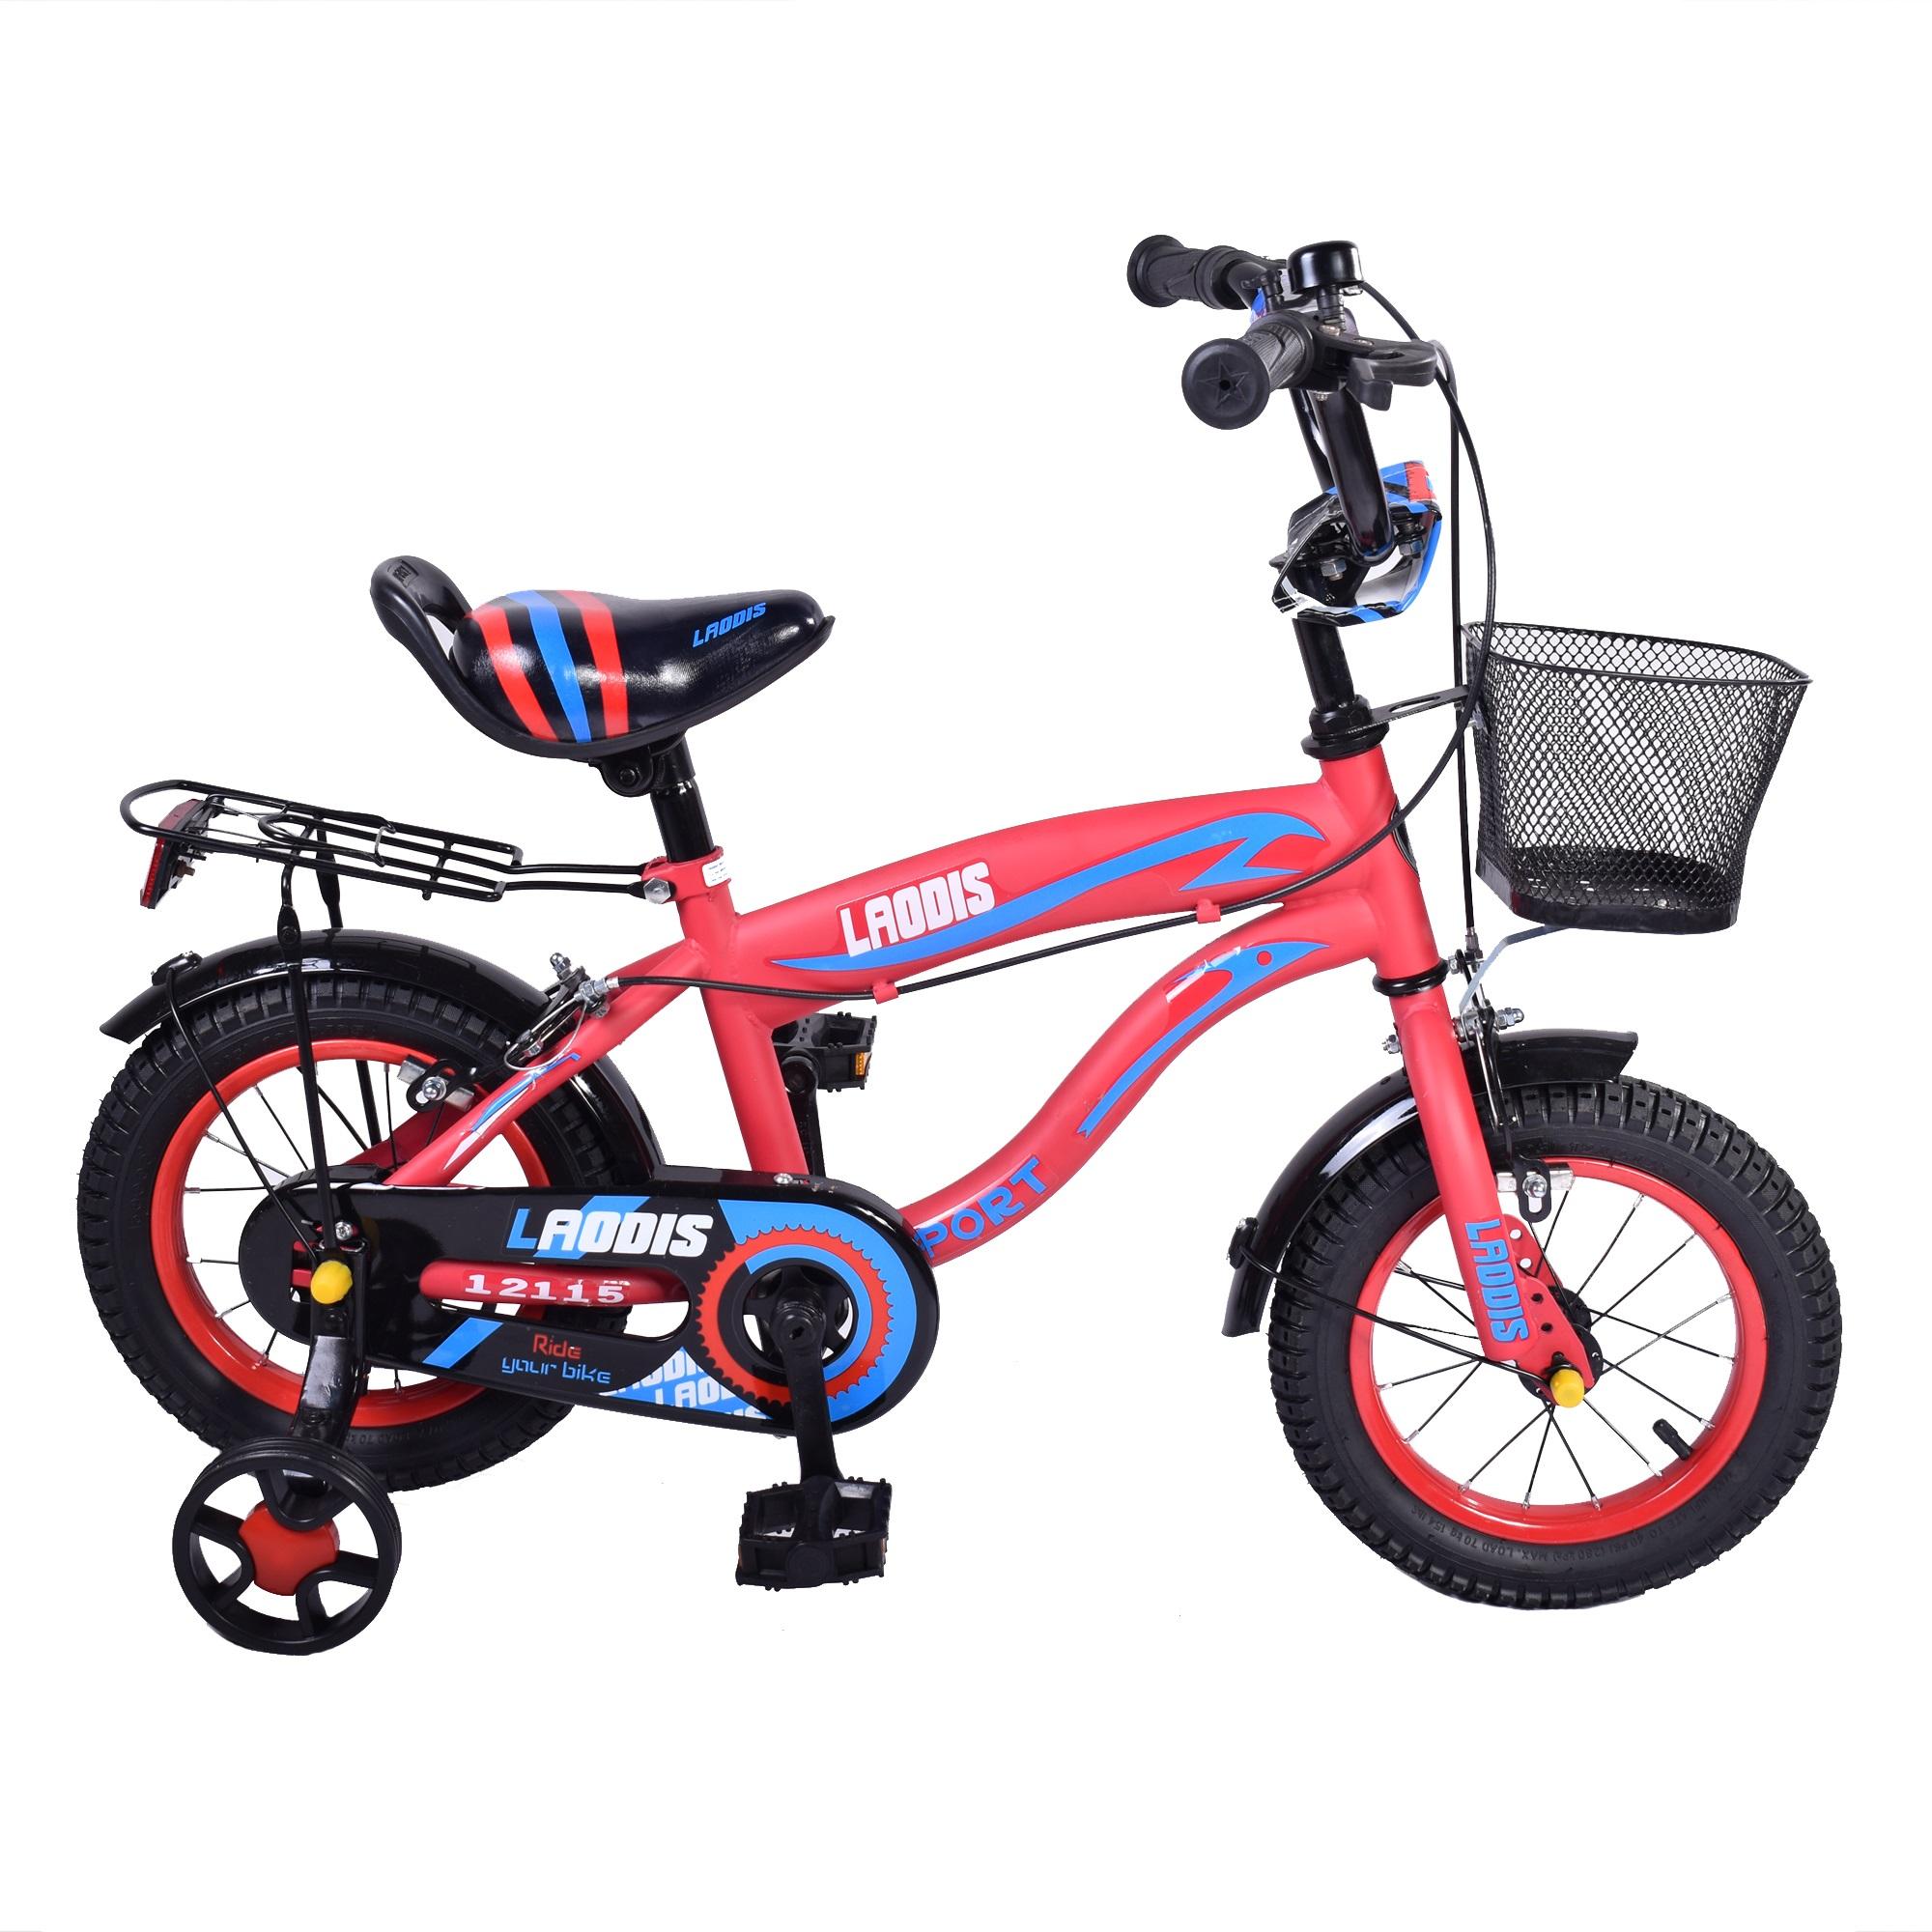 خرید                     دوچرخه شهری لائودیس کد 12115-2 سایز 12